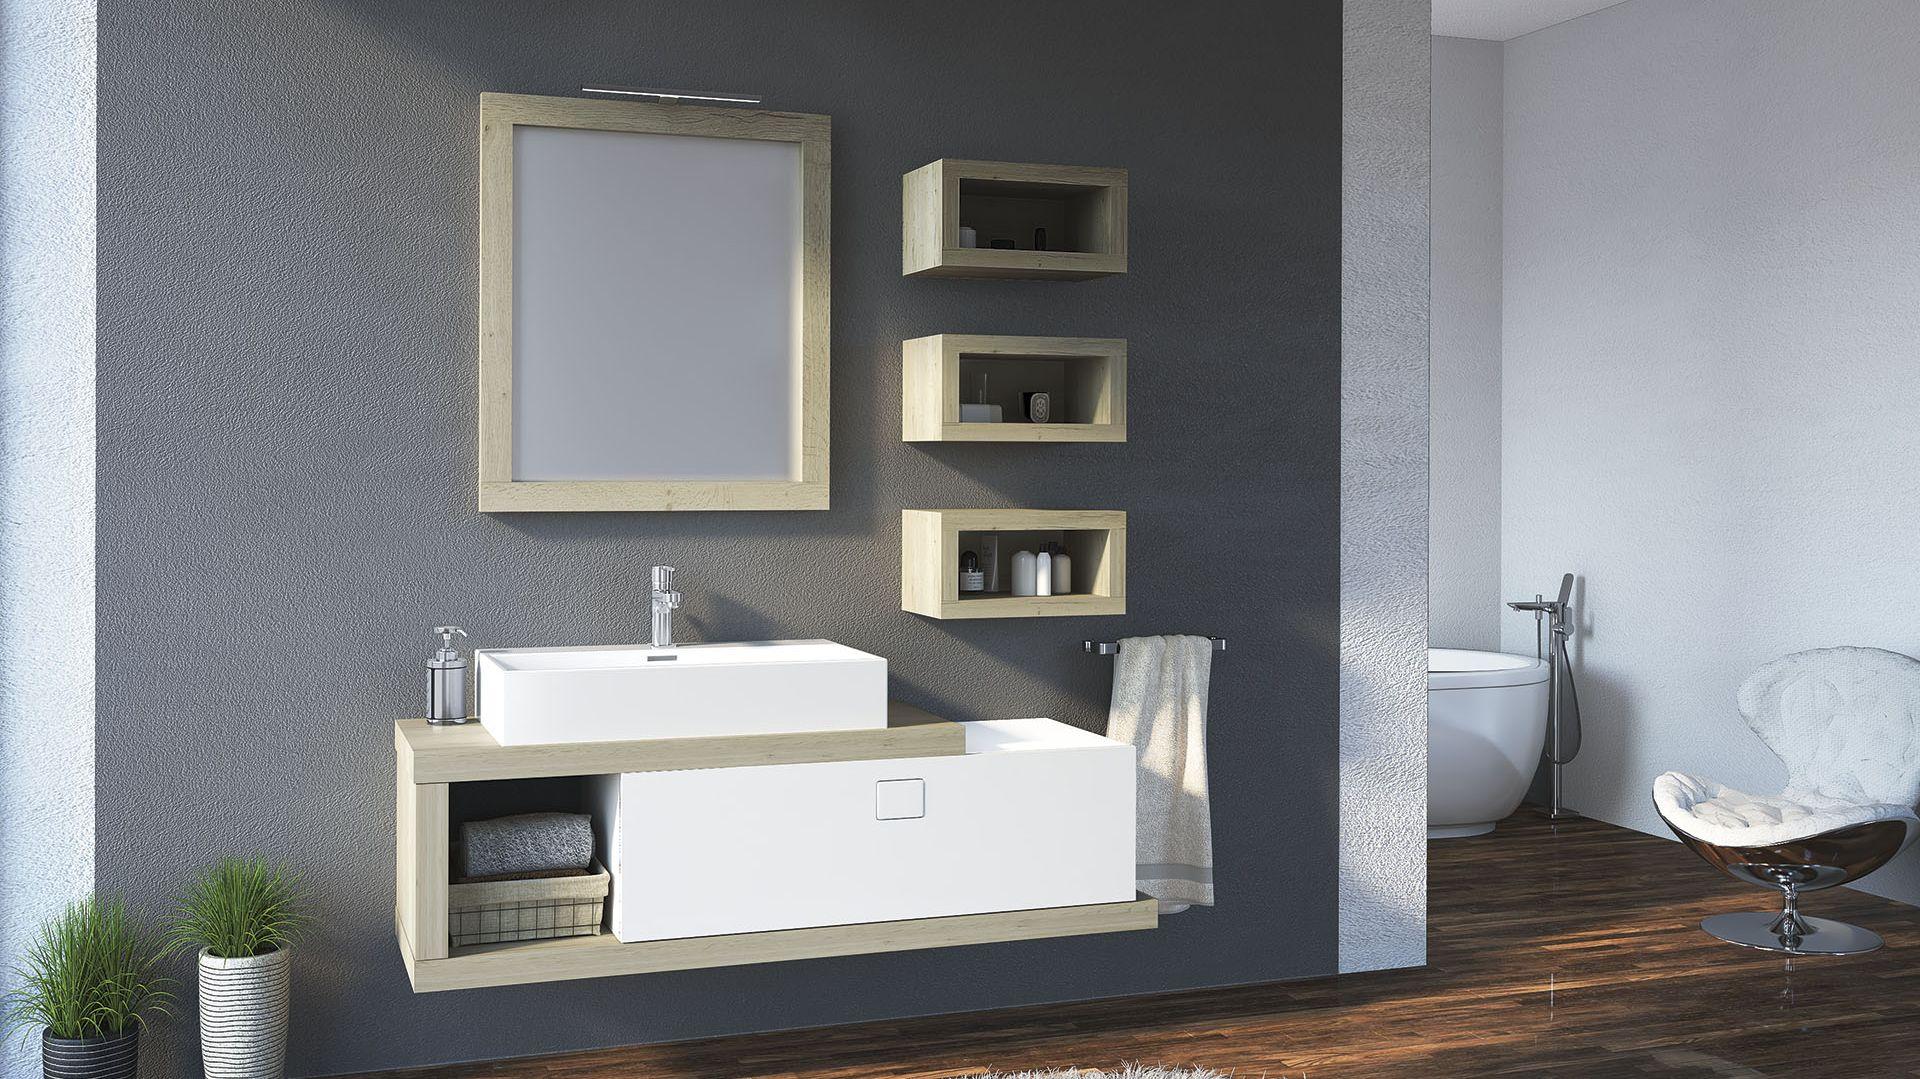 Nowoczesne meble łazienkowe z kolekcji Fifa marki Devo. Fot. Devo